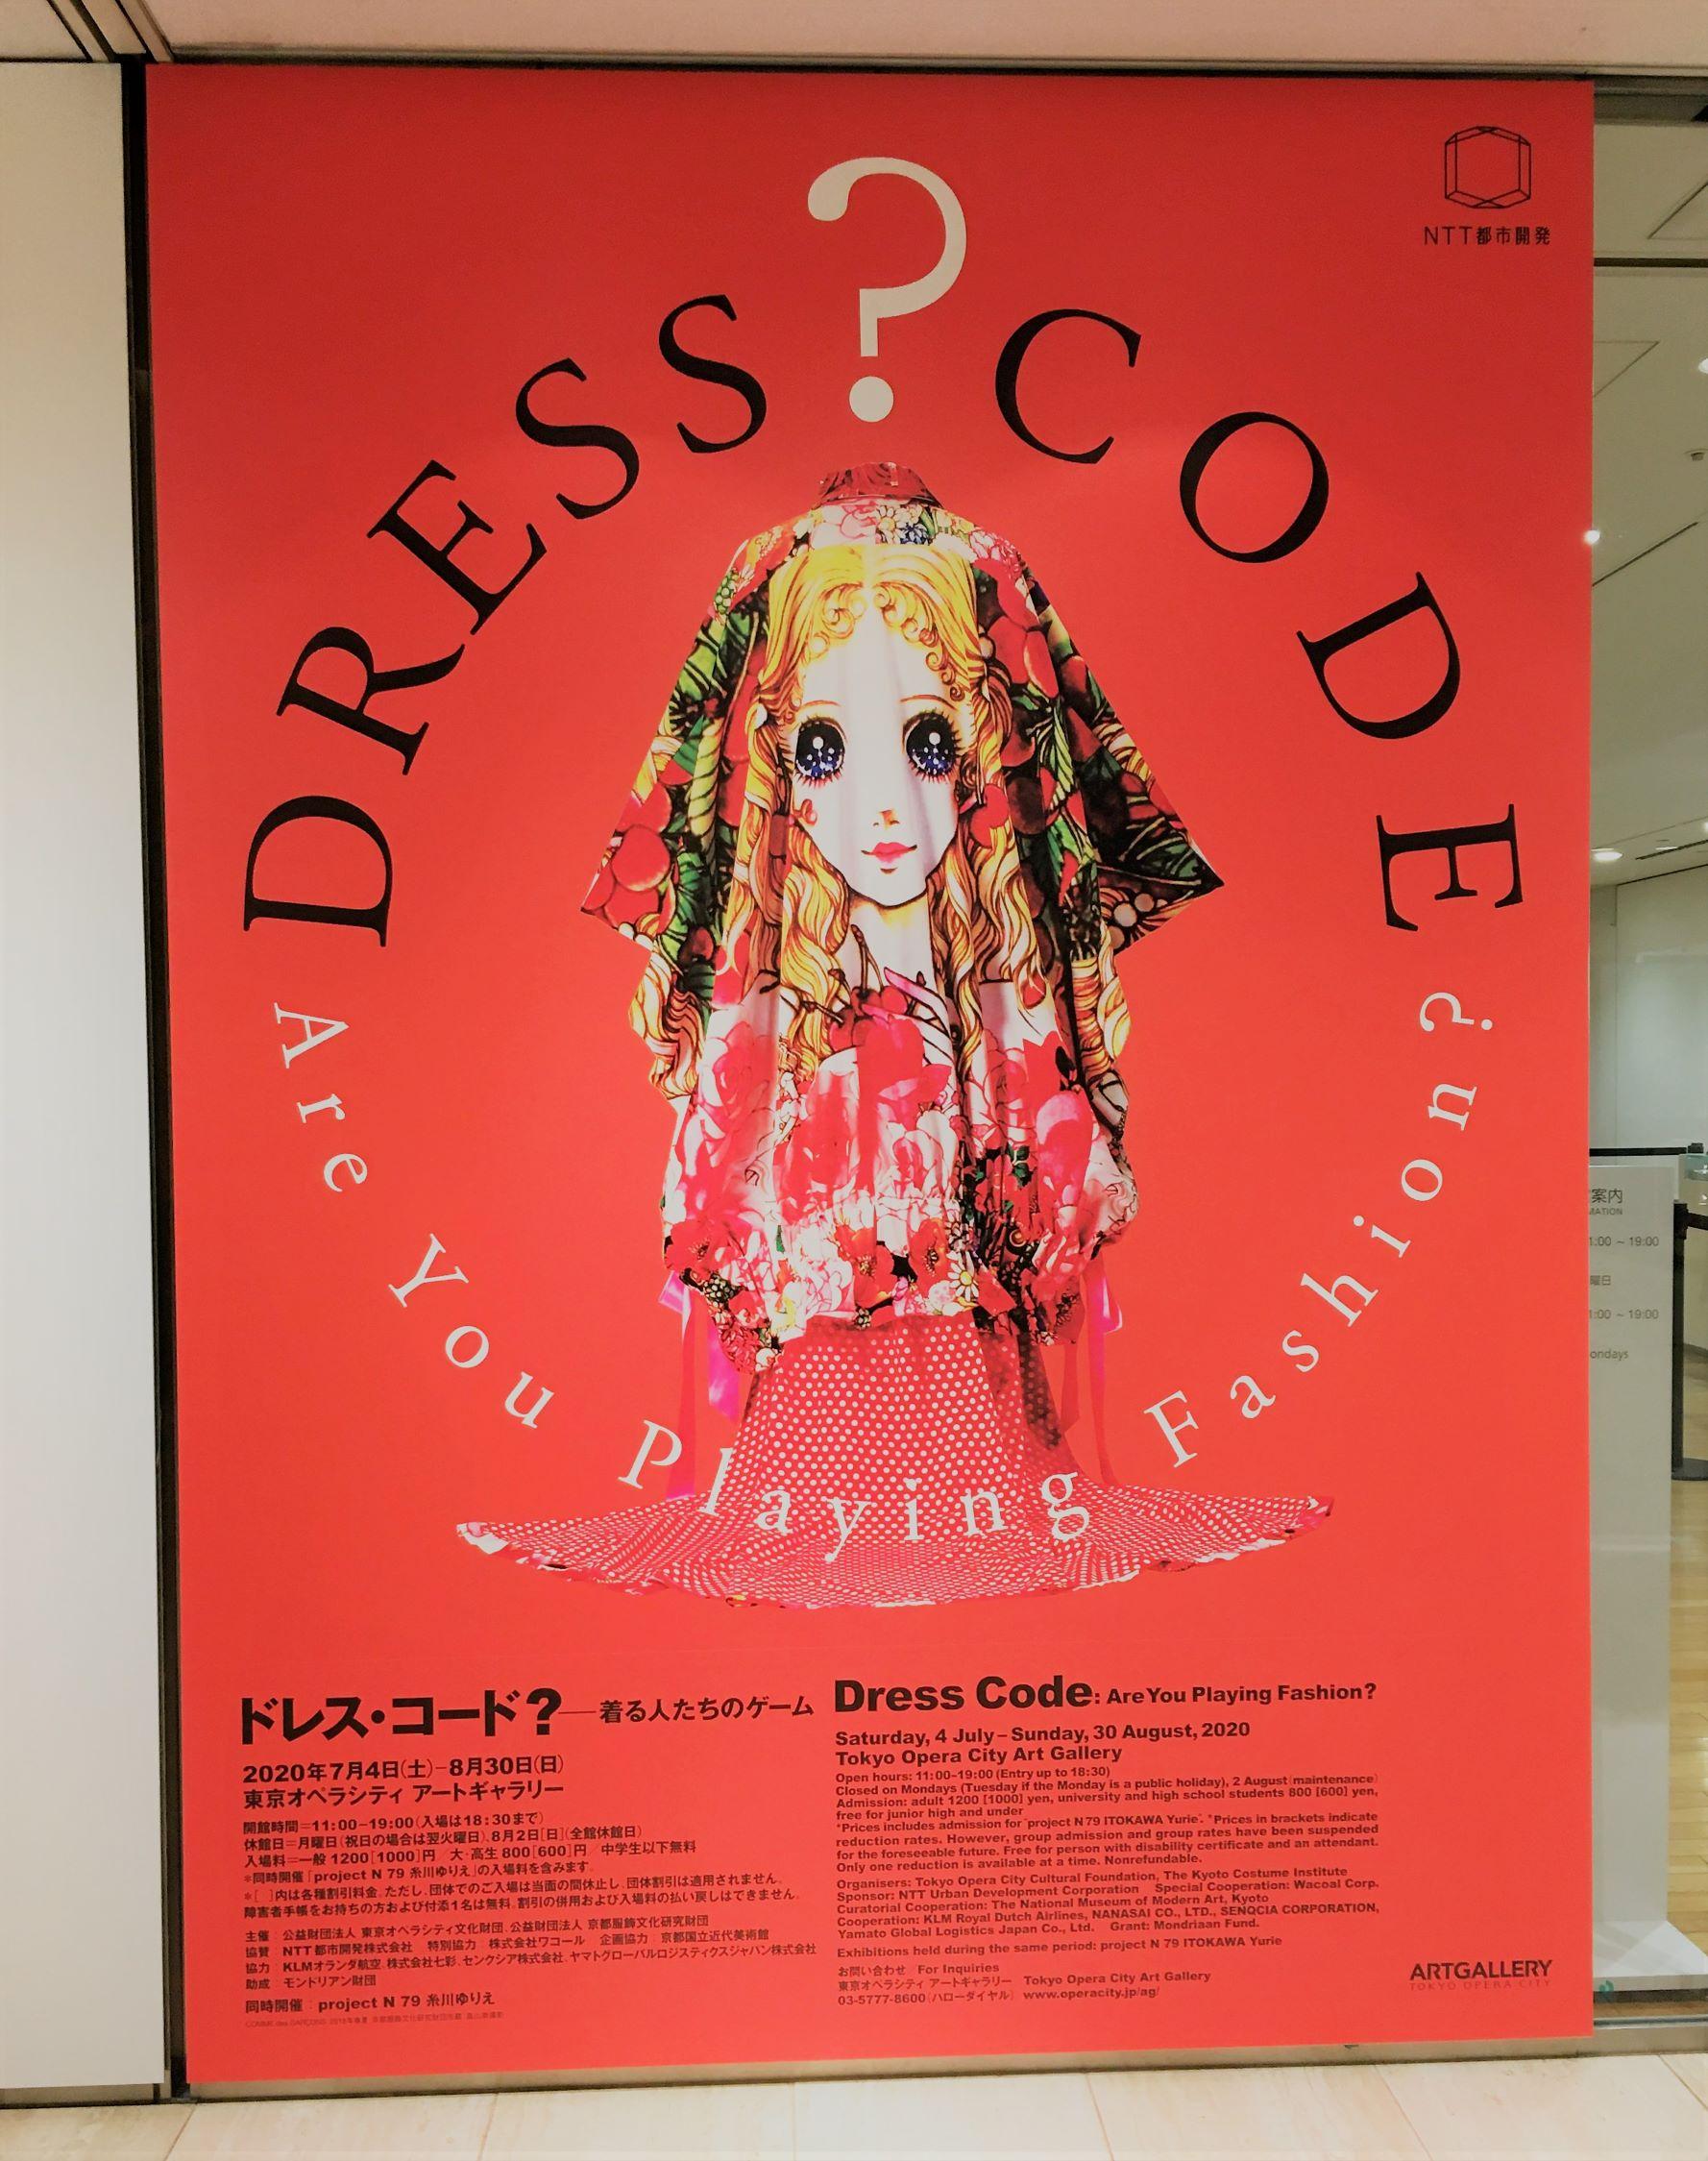 日曜日のメモ#1-『ドレス・コード?』展@Tokyo Opera City ARTGALLERY